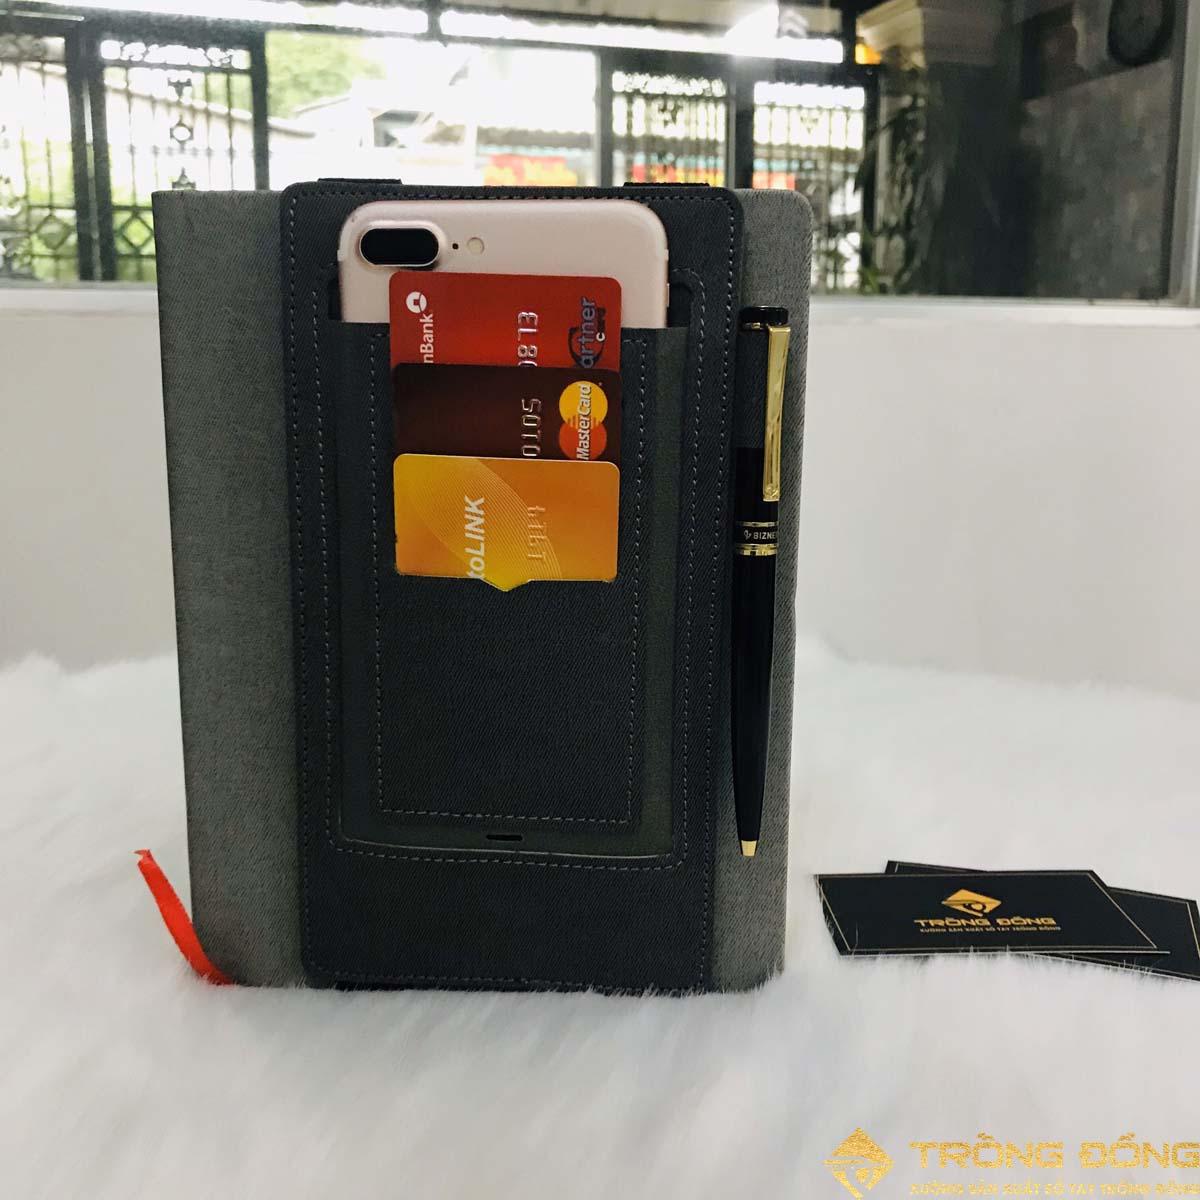 Ngăn đựng chứa thẻ ATM, card visit, điện thoại và bút một cách tiện lợi